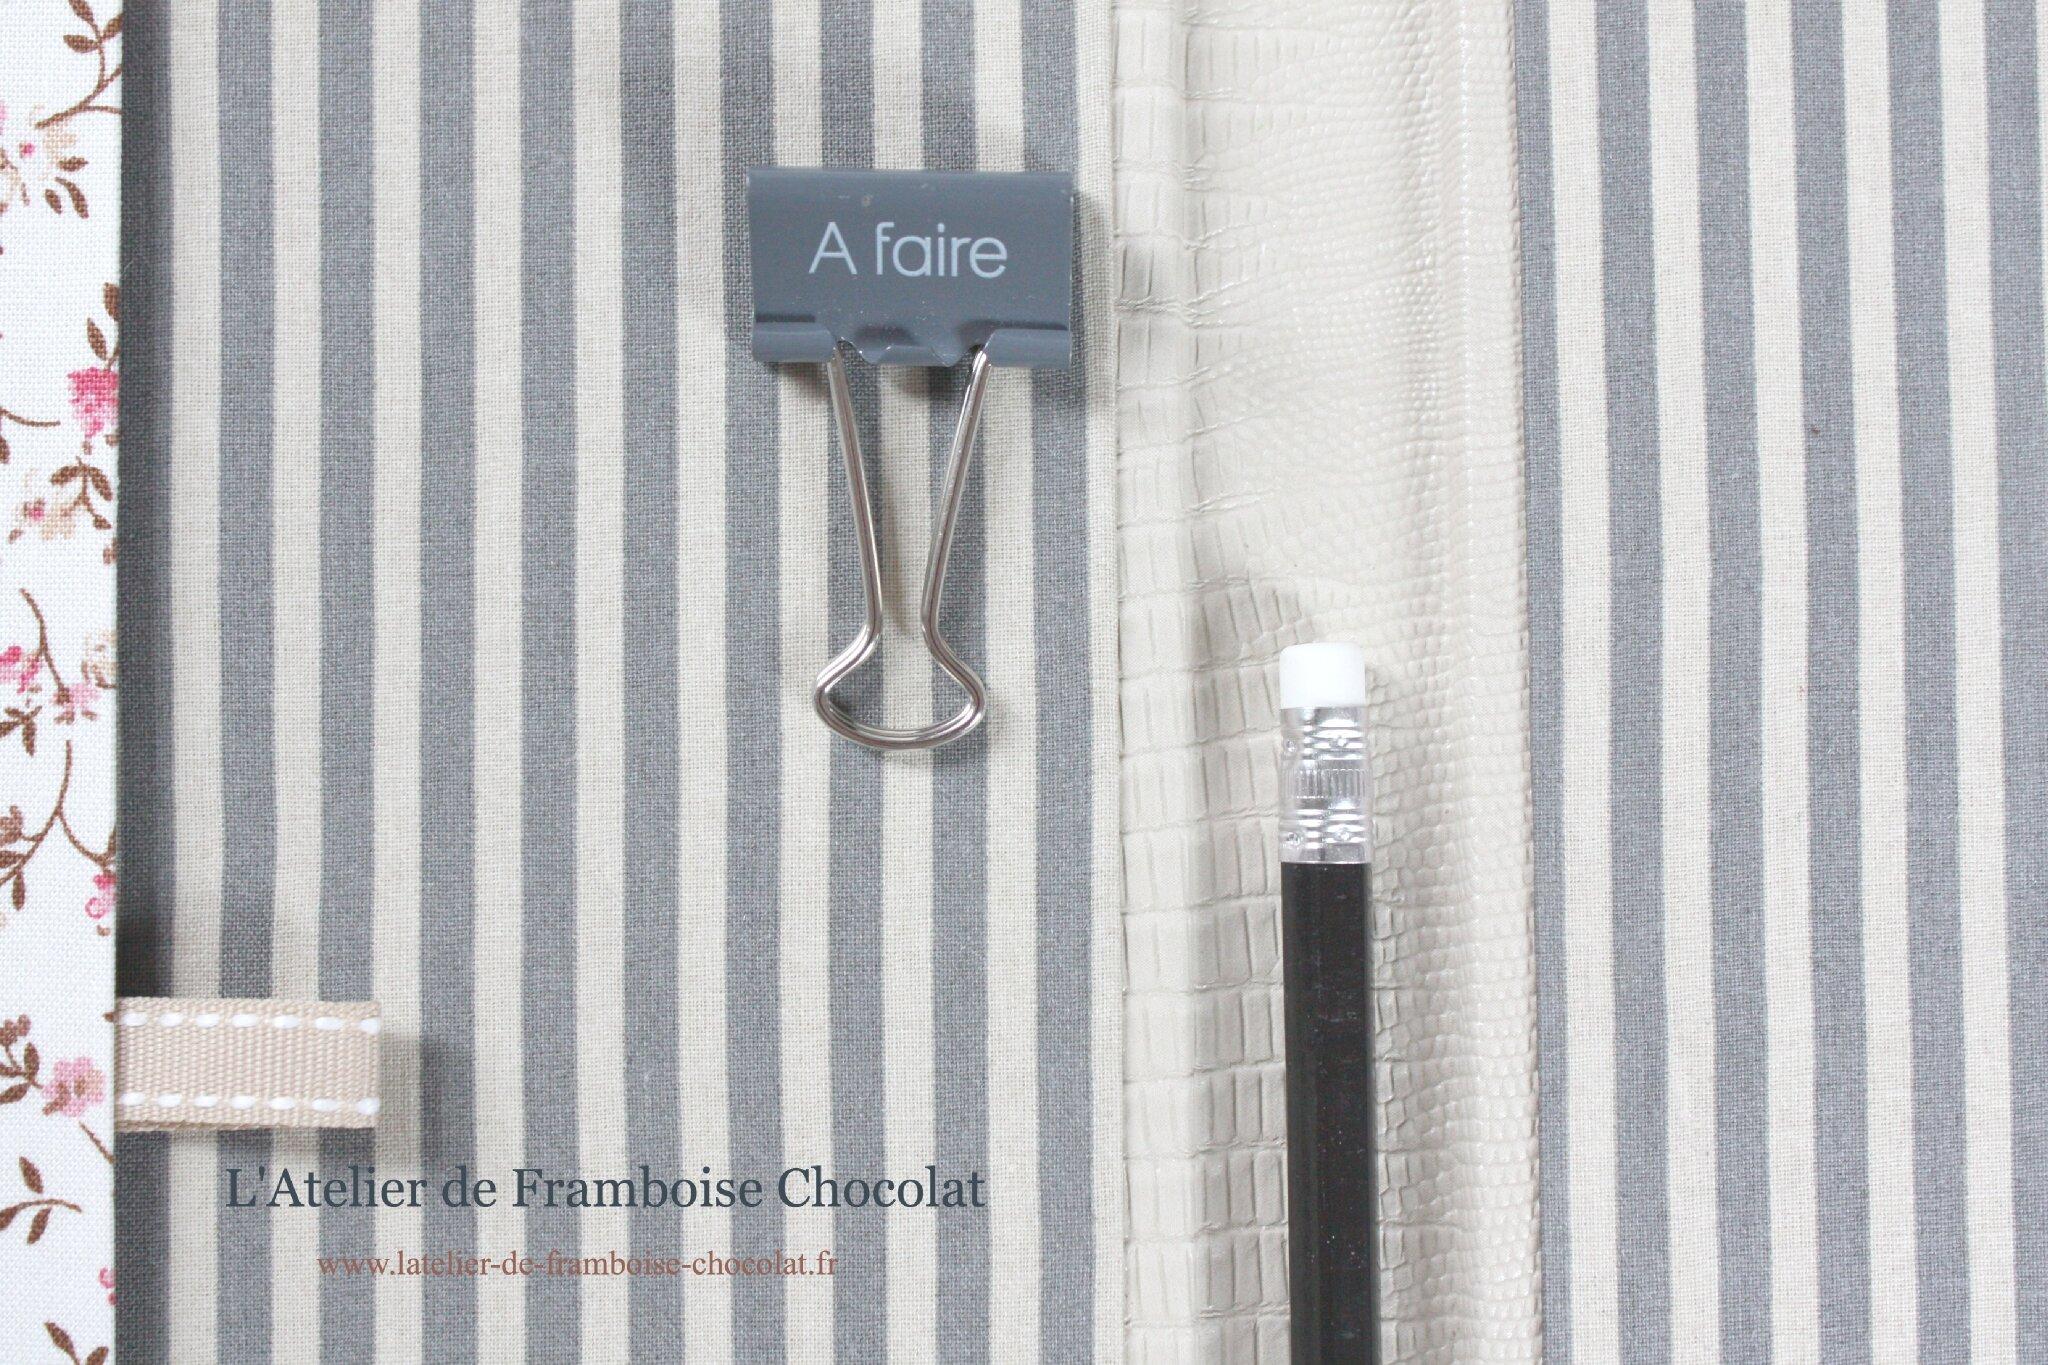 Agenda 2013 2014 L'Atelier de Framboise Chocolat_7